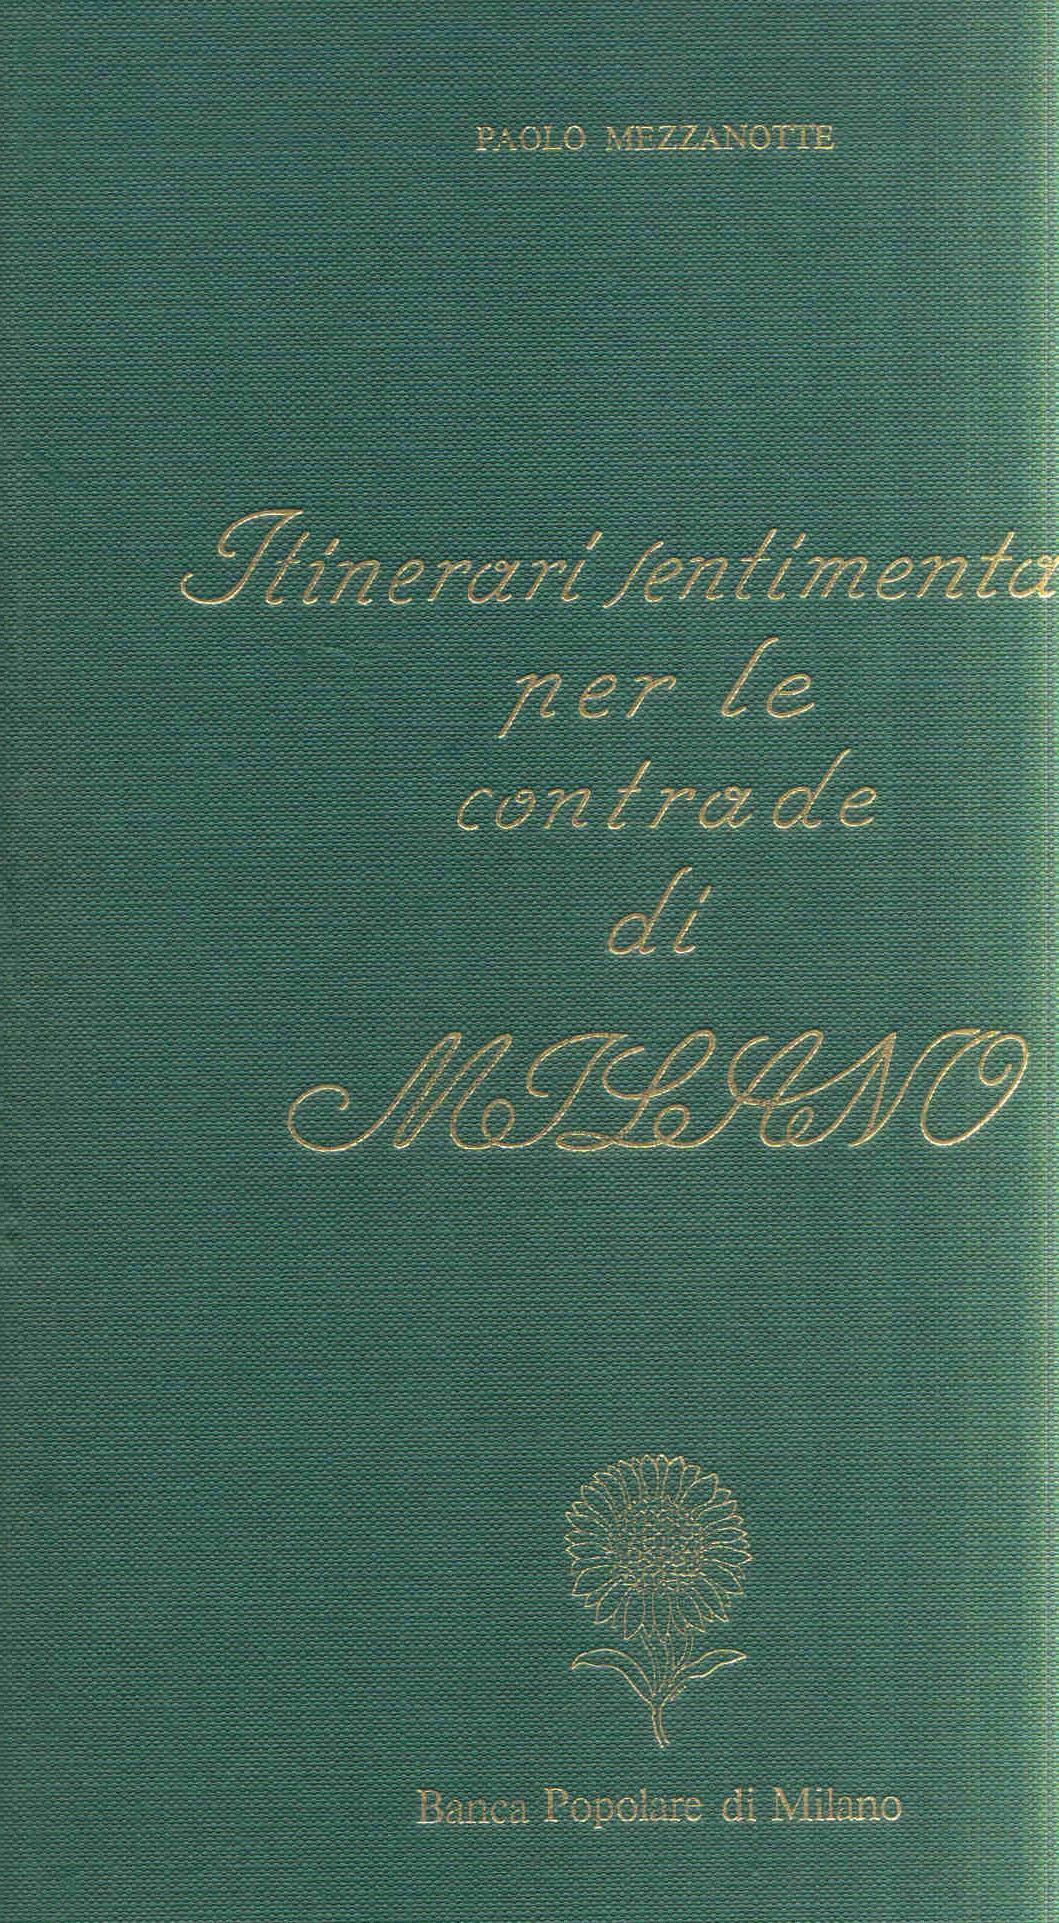 Itinerari sentimentali per le contrade di Milano